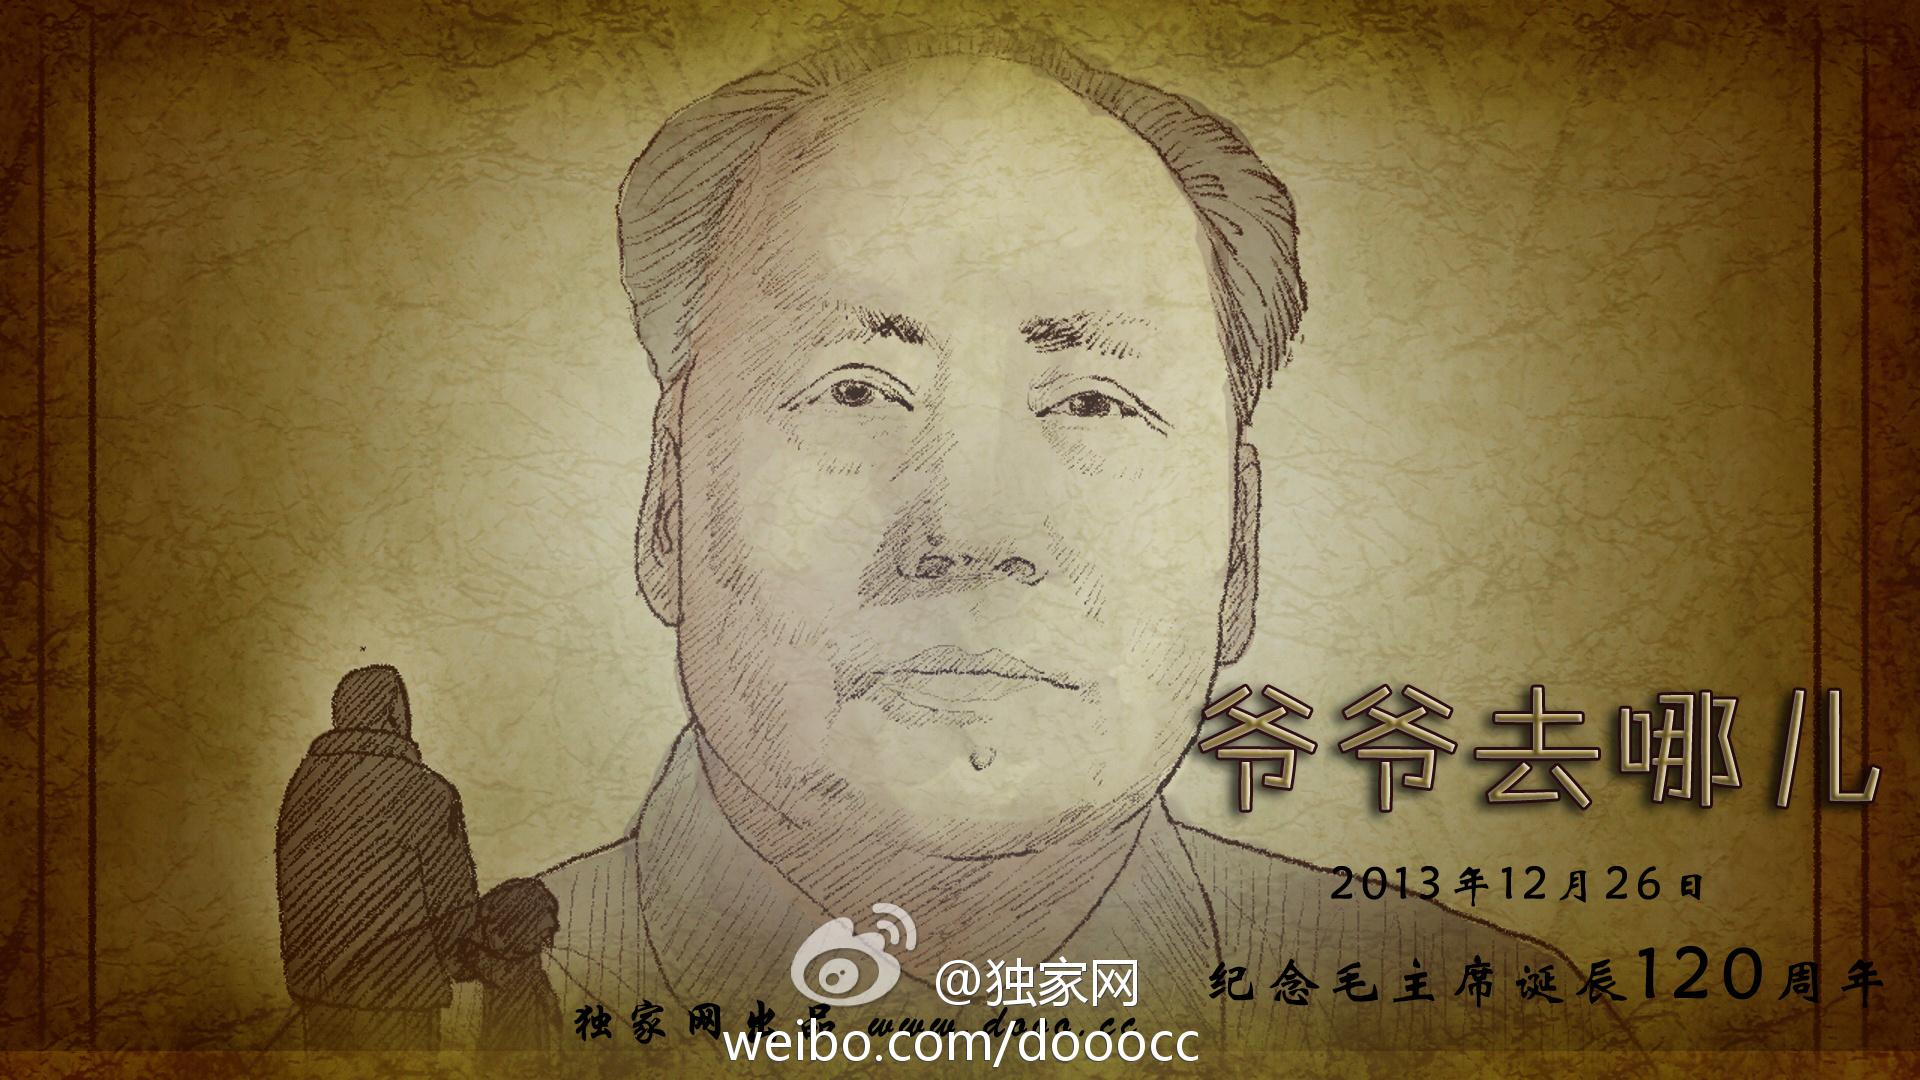 【异闻观止】左派网站推出纪念毛动画片:爷爷去哪儿